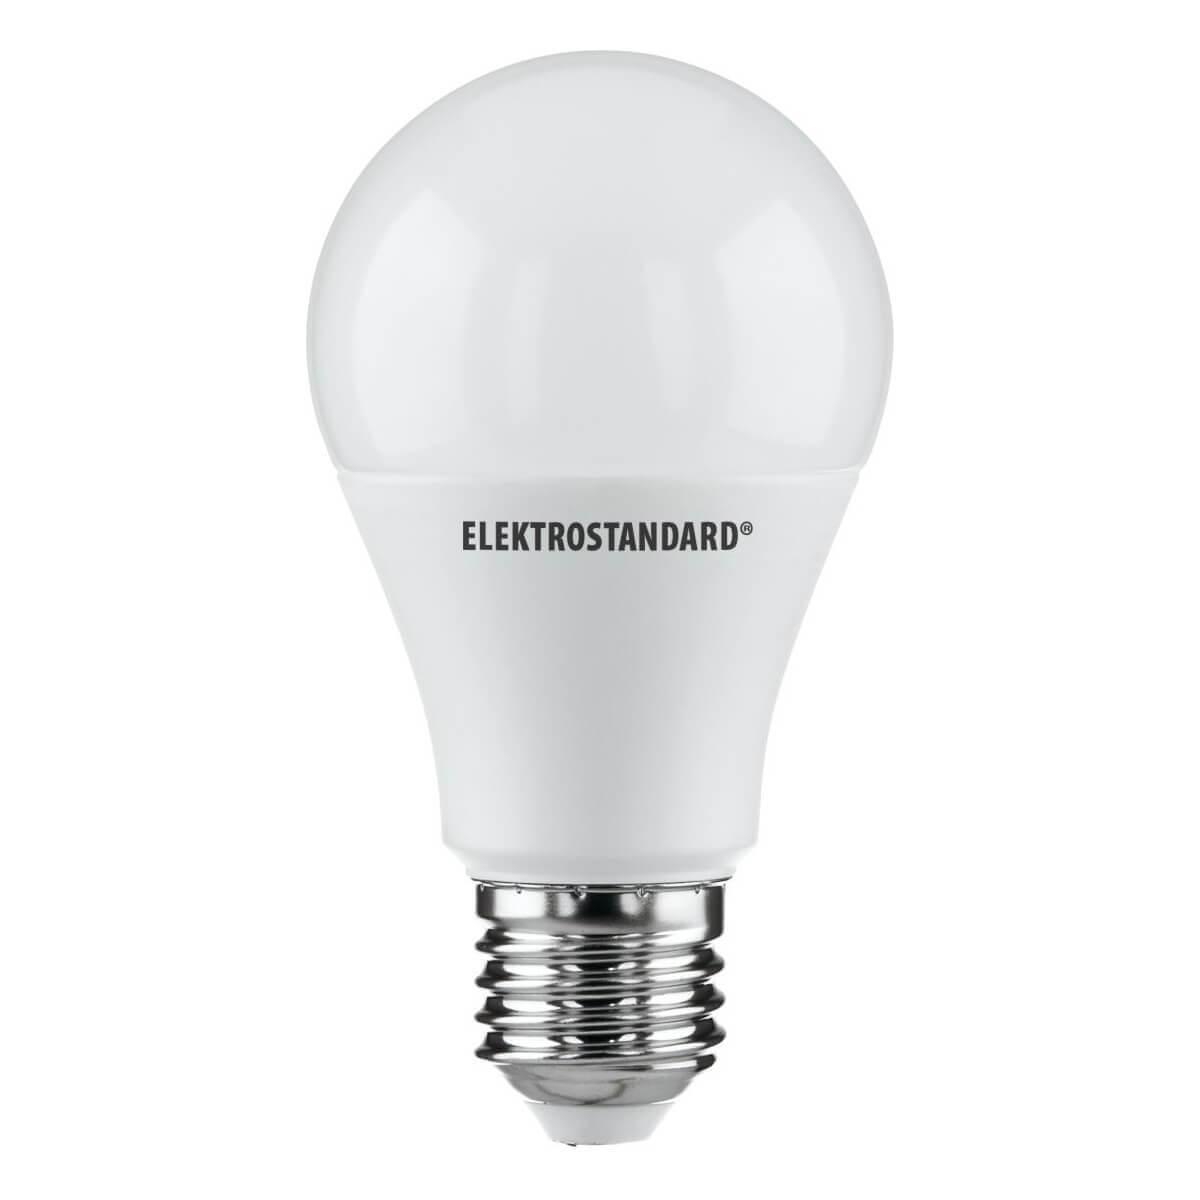 Лампа светодиодная E27 10W 6500K матовая 4690389085550 elektrostandart classic classic led d 10w 4200k e27